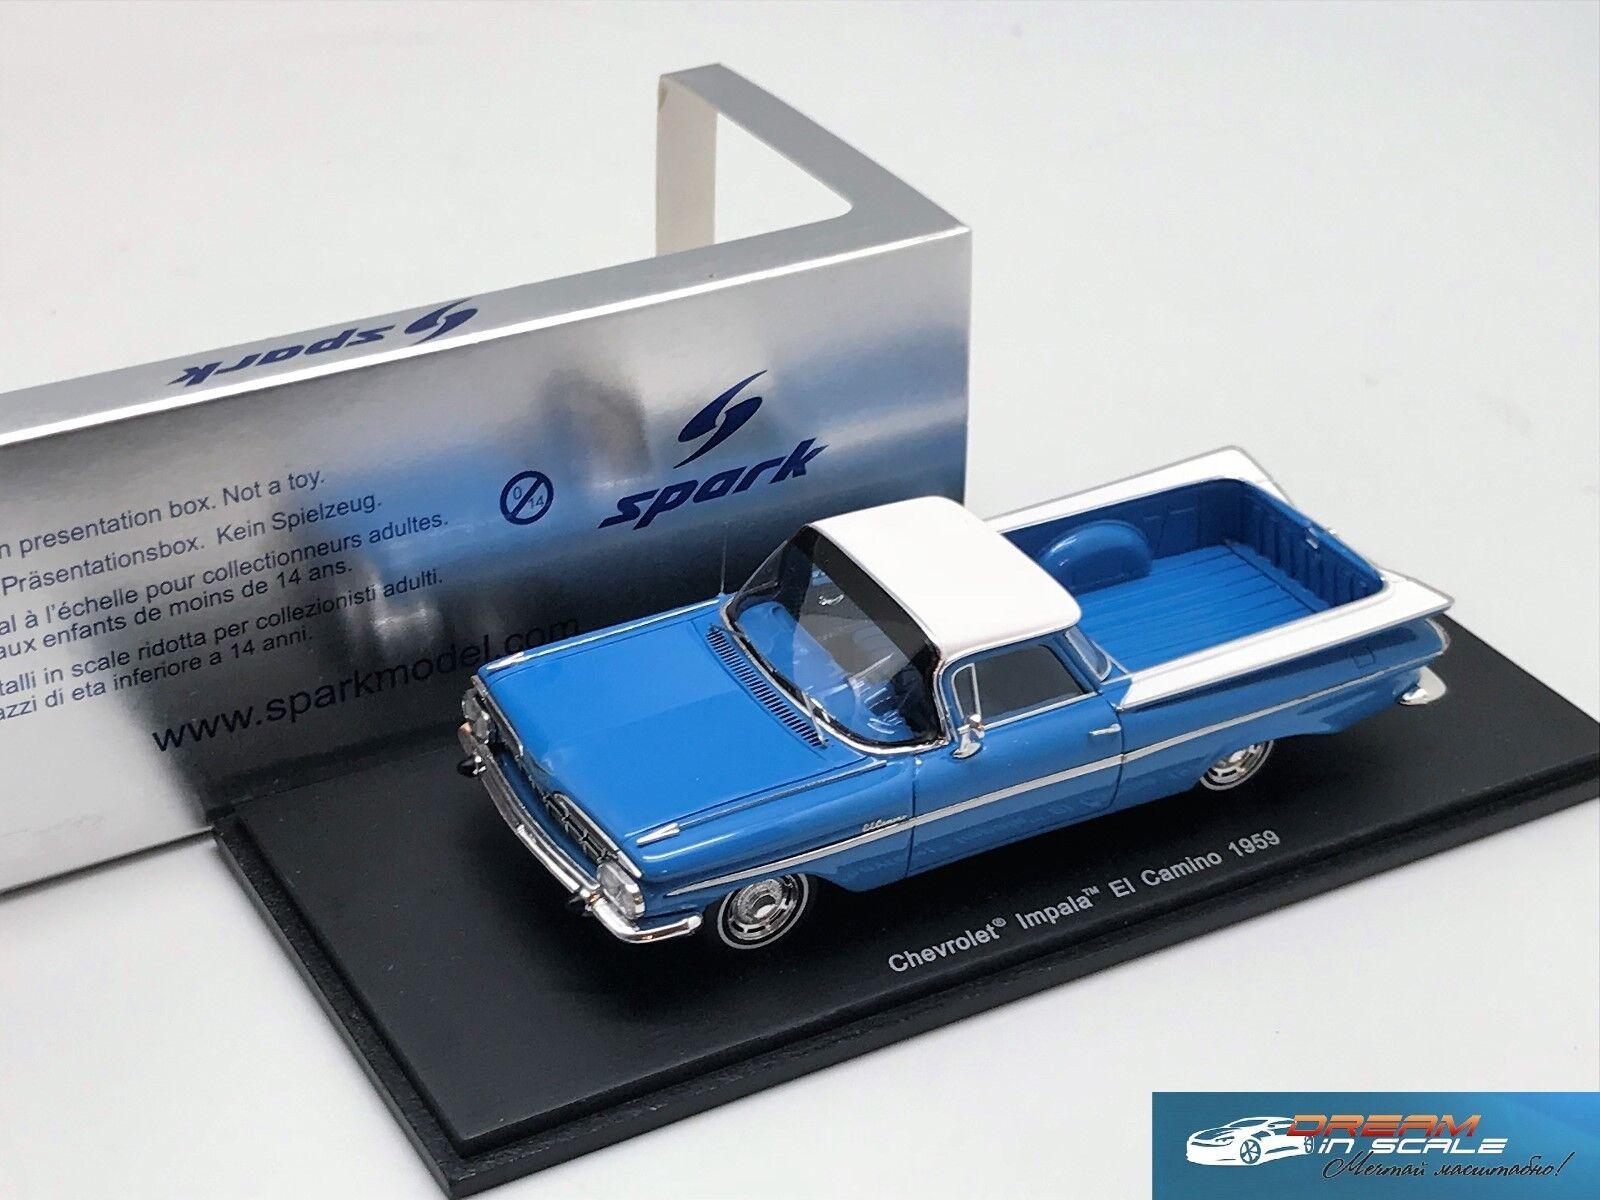 Nuevos productos de artículos novedosos. Chevrolet Chevrolet Chevrolet Impala El Camino 1959 S2906 Resina 1 43  80% de descuento